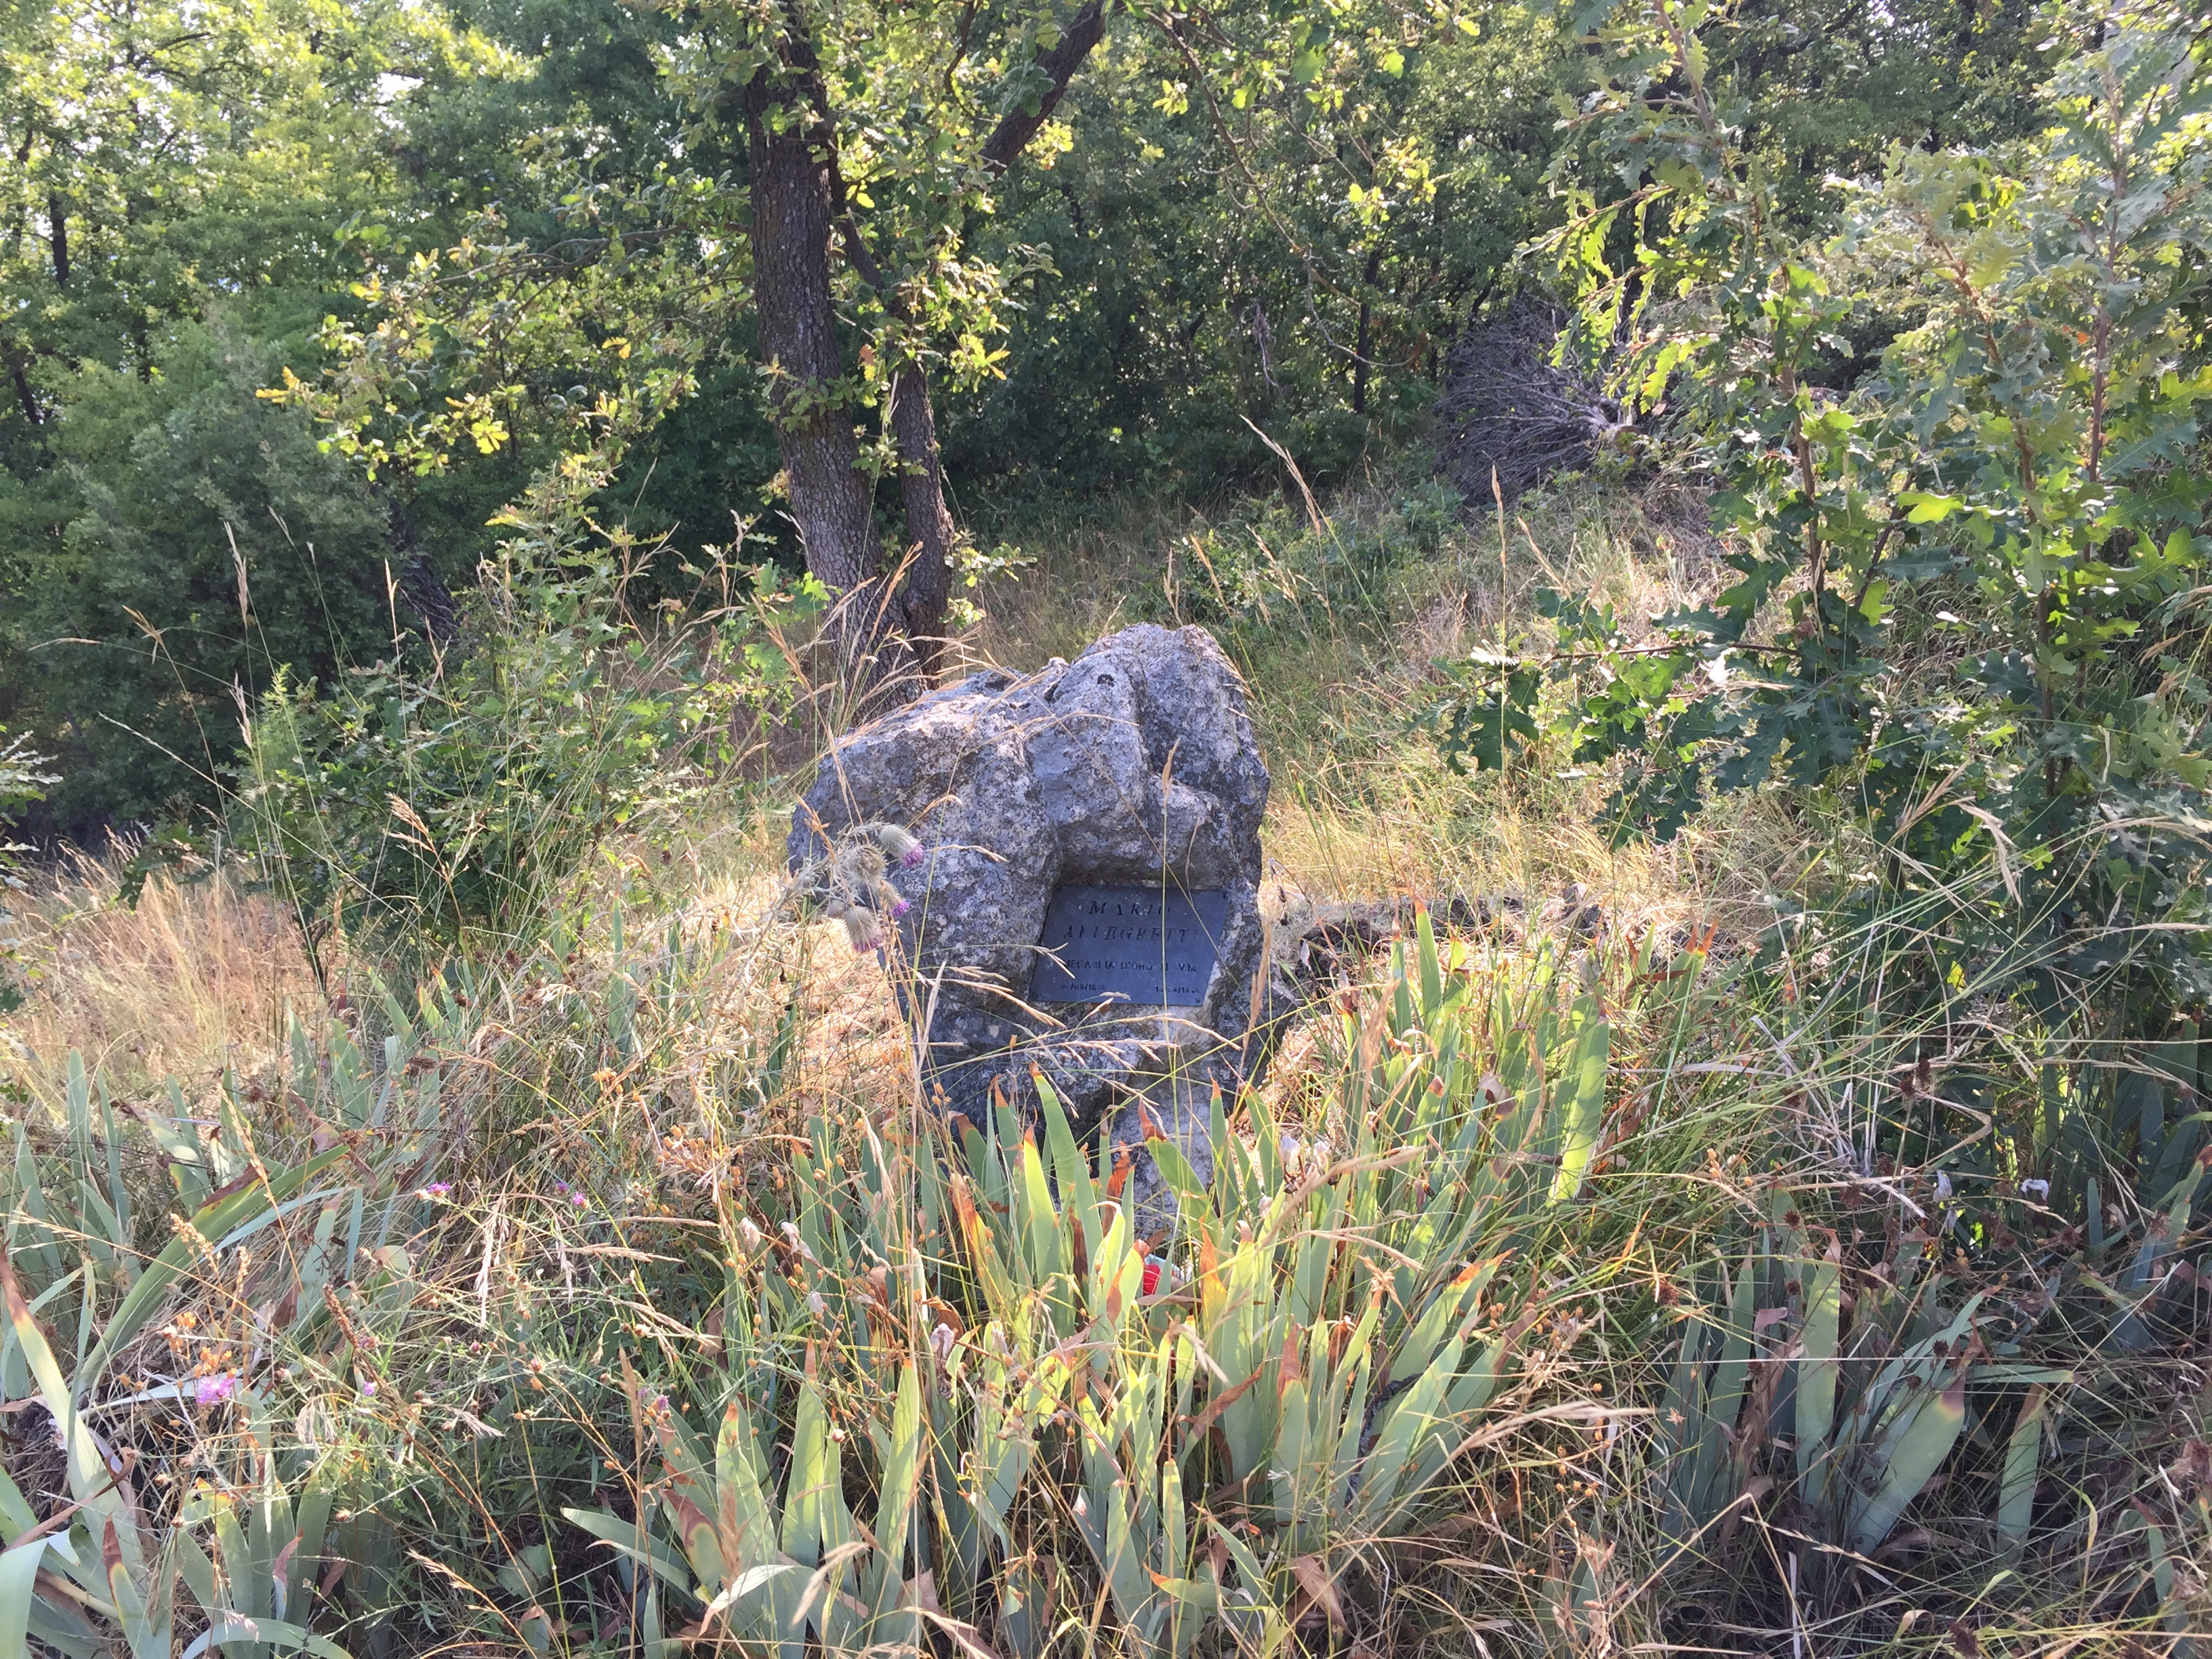 Il cippo in memoria di Mario Allegretti, eretto nei pressi del luogo dove morì il 10 aprile 1945.